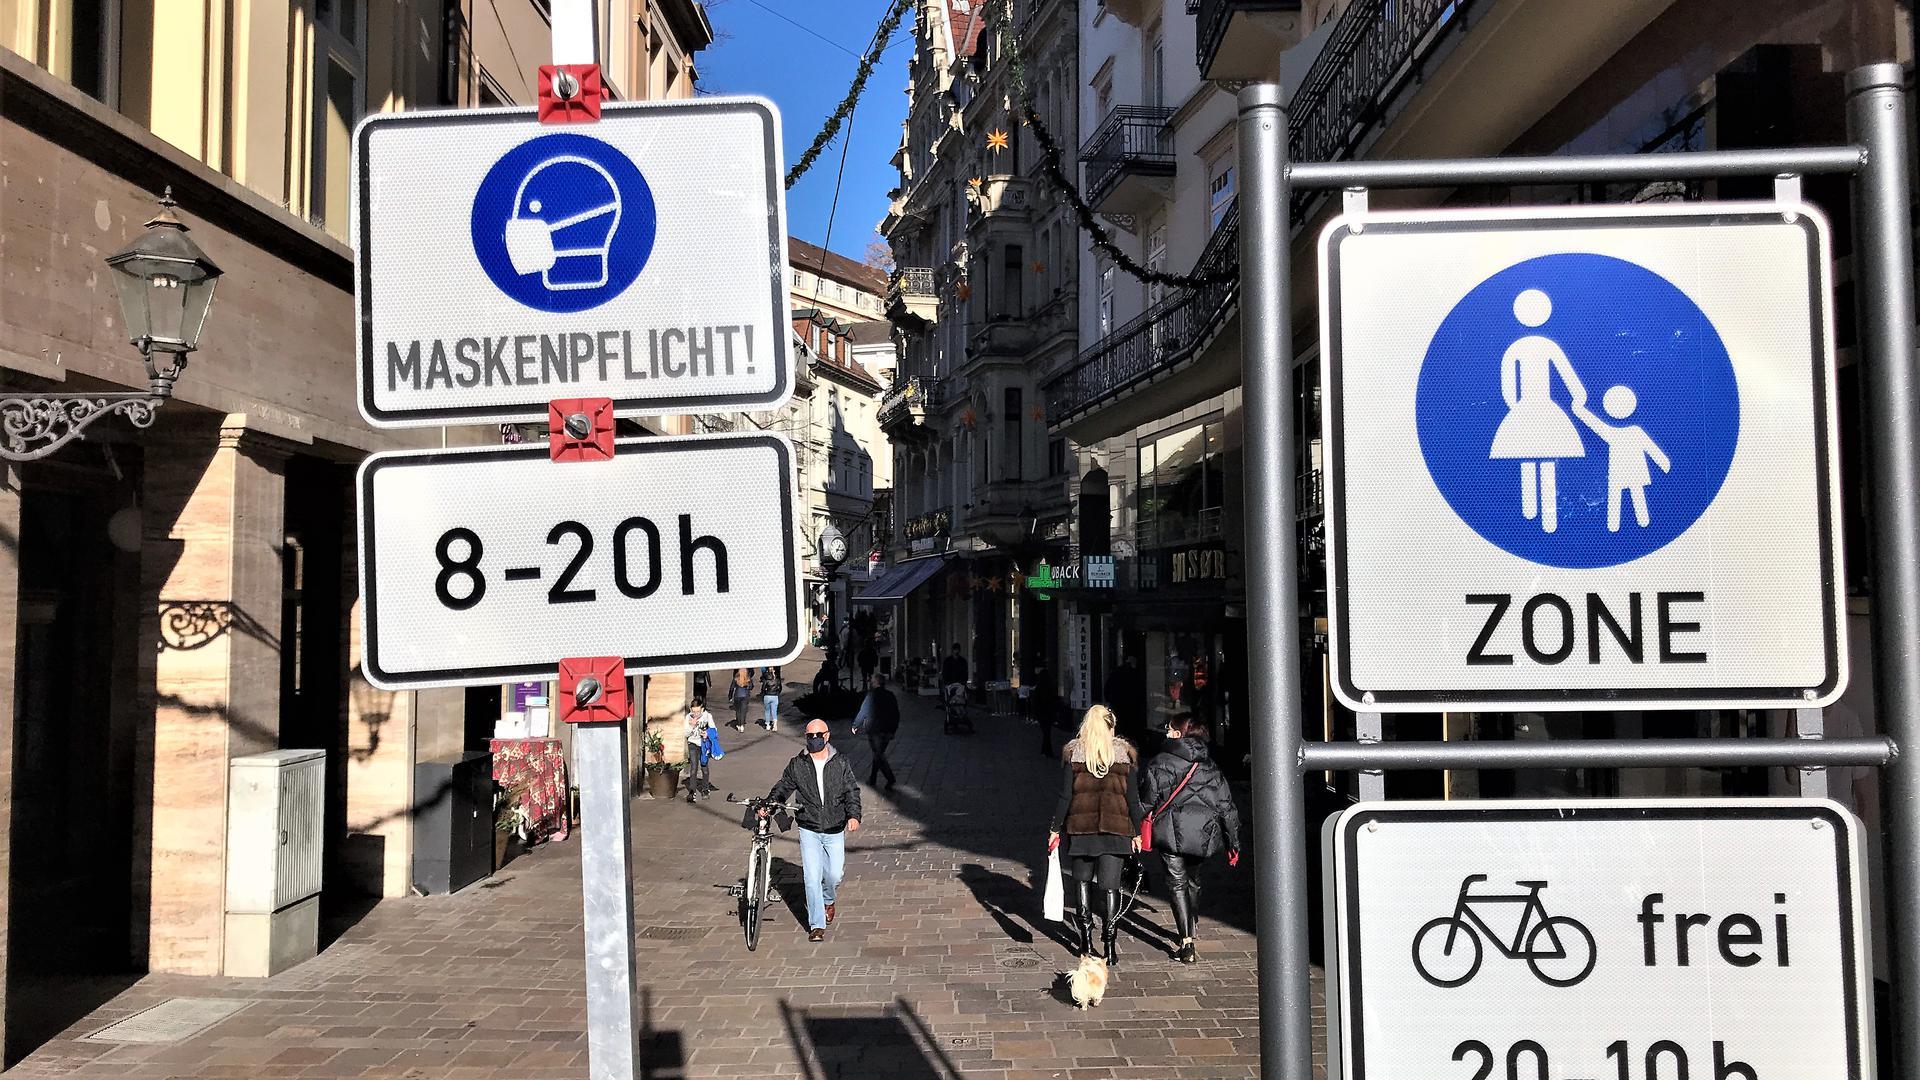 Ein Schild weist auf die Maskenpflicht in der Fußgängerzone Baden-Baden hin.